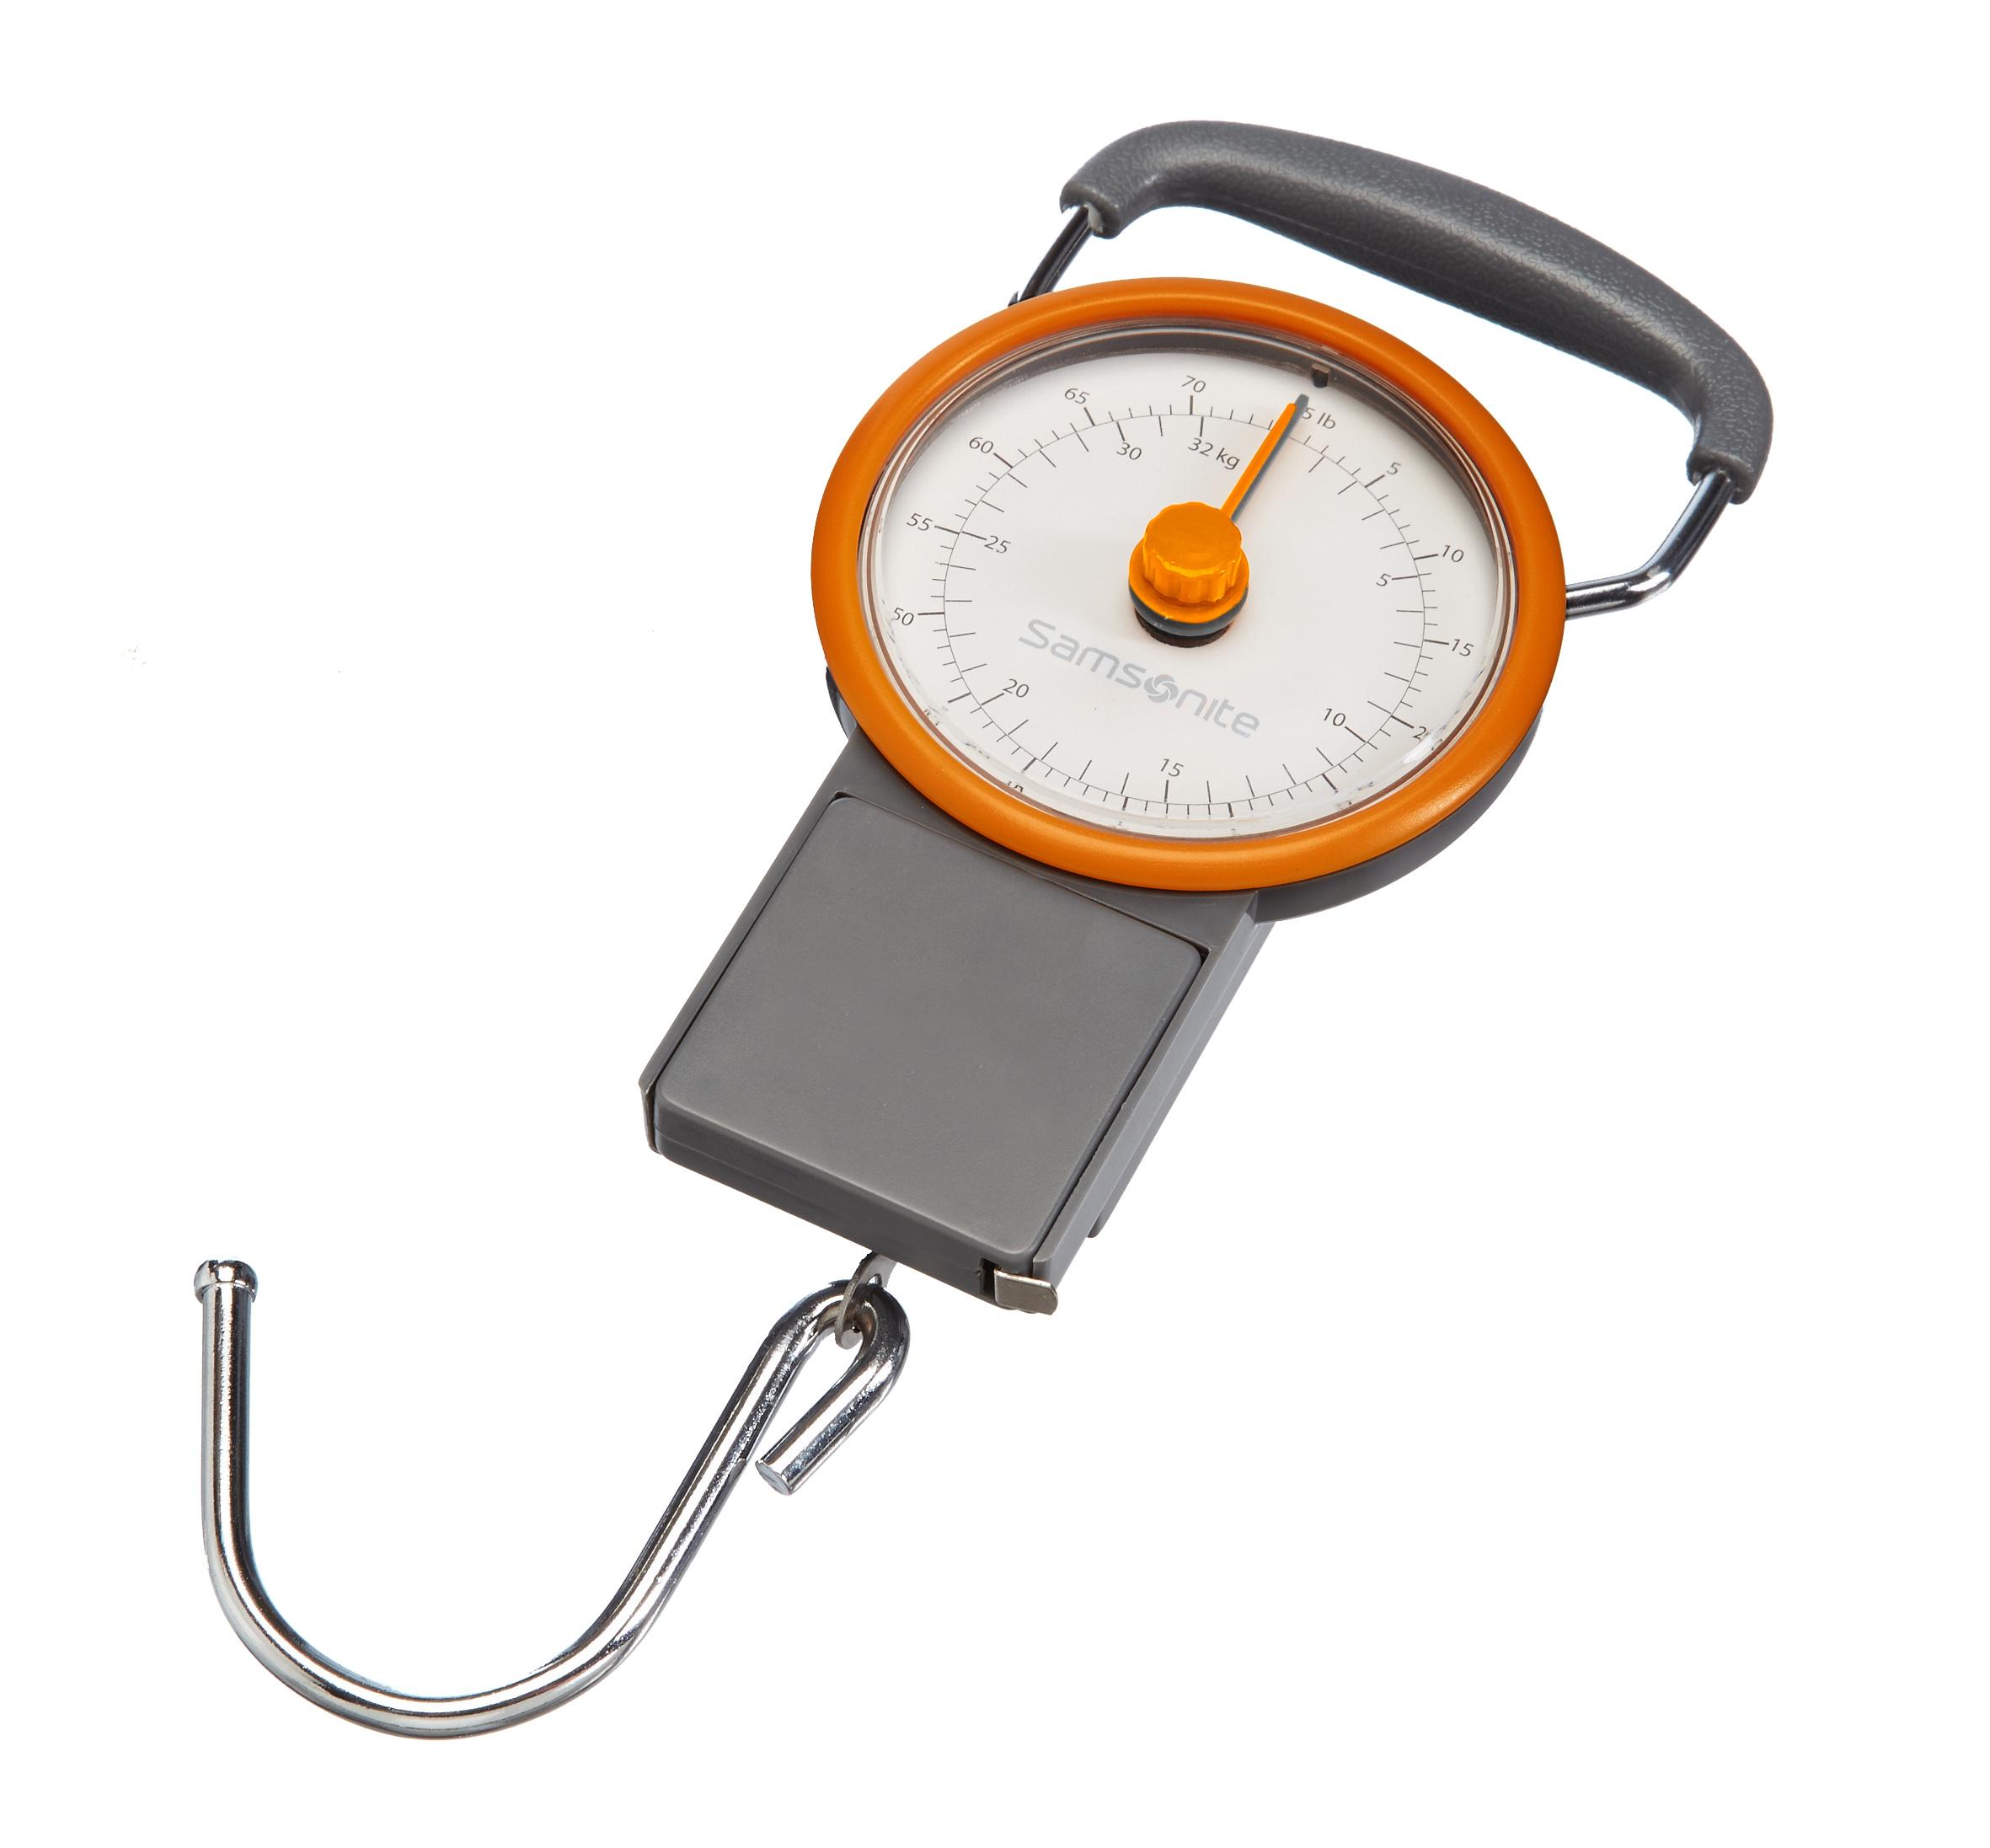 Весы багажные Samsonite, со встроенной рулеткойU23-28802Весы Samsonite, выполненные из поликарбоната, АБС-пластика и металла, предназначены для измерения веса багажа. Изделие оснащено эргономичной ручкой, а также 100-сантиметровой рулеткой для измерения габаритов багажаТакая вещь пригодится путешественникам, которые желают всегда держать под контролем вес своего багажа и не переплачивать за перевес.Максимальная нагрузка: 32 кг.Диаметр циферблата: 10 см.